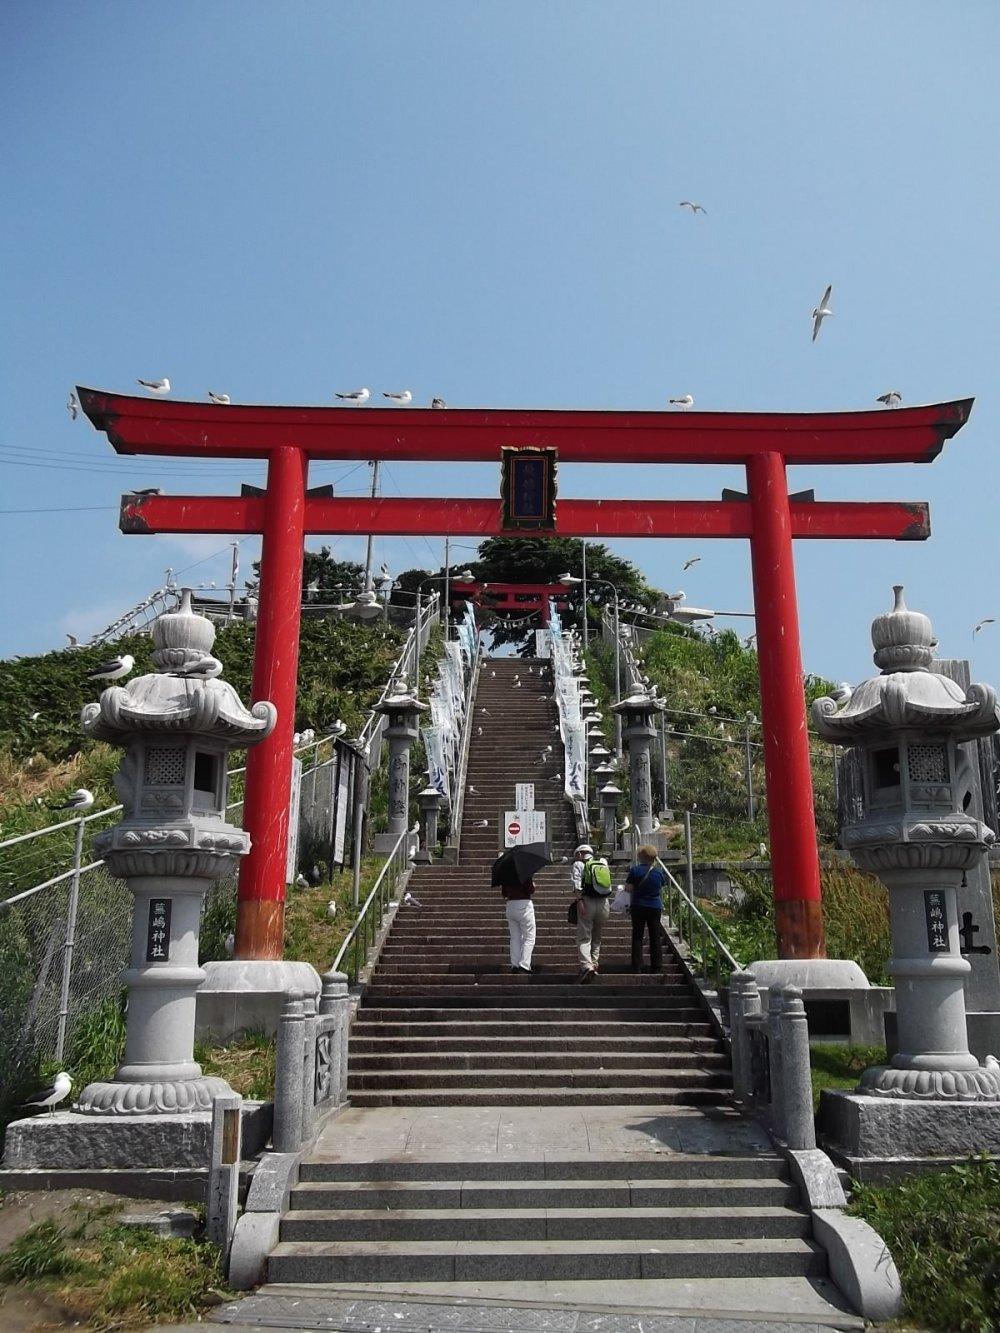 사원으로 올라가는 계단 밑의 문: 갈매기들이 주위를 맴돈다.